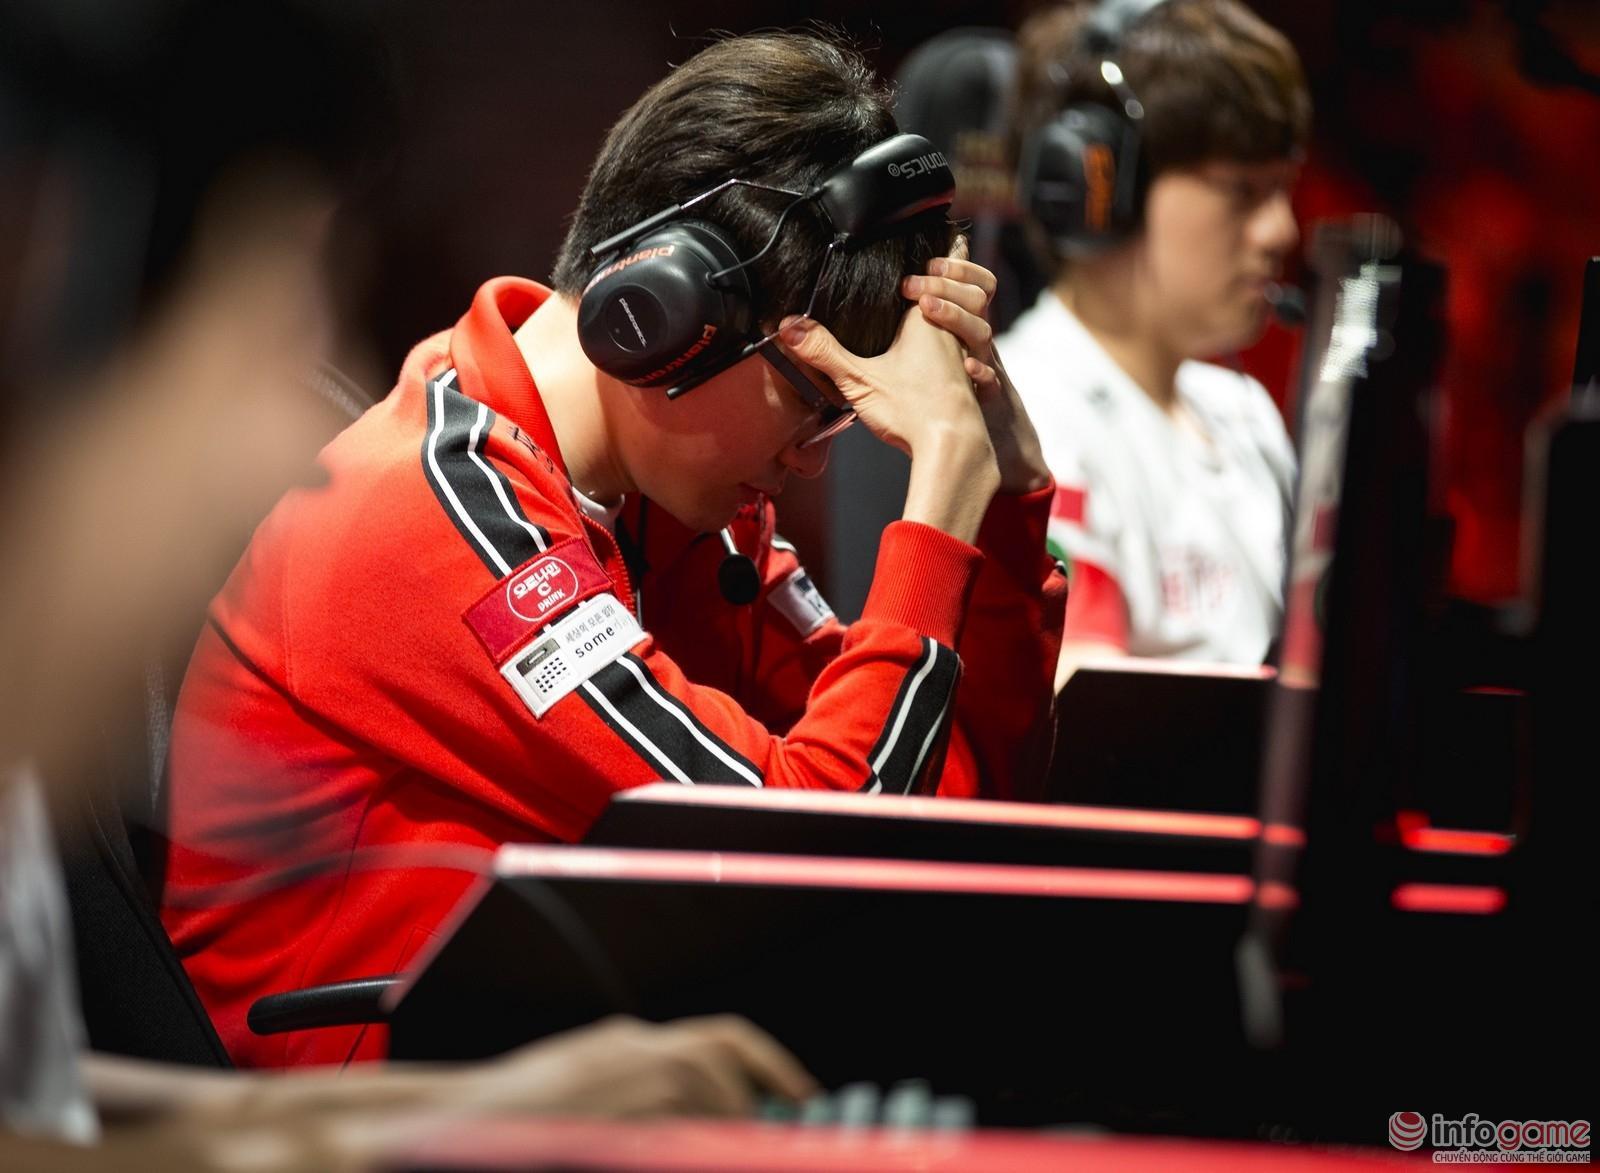 Những niềm vui và nỗi buồn của game thủ Việt trong thế giới ảo